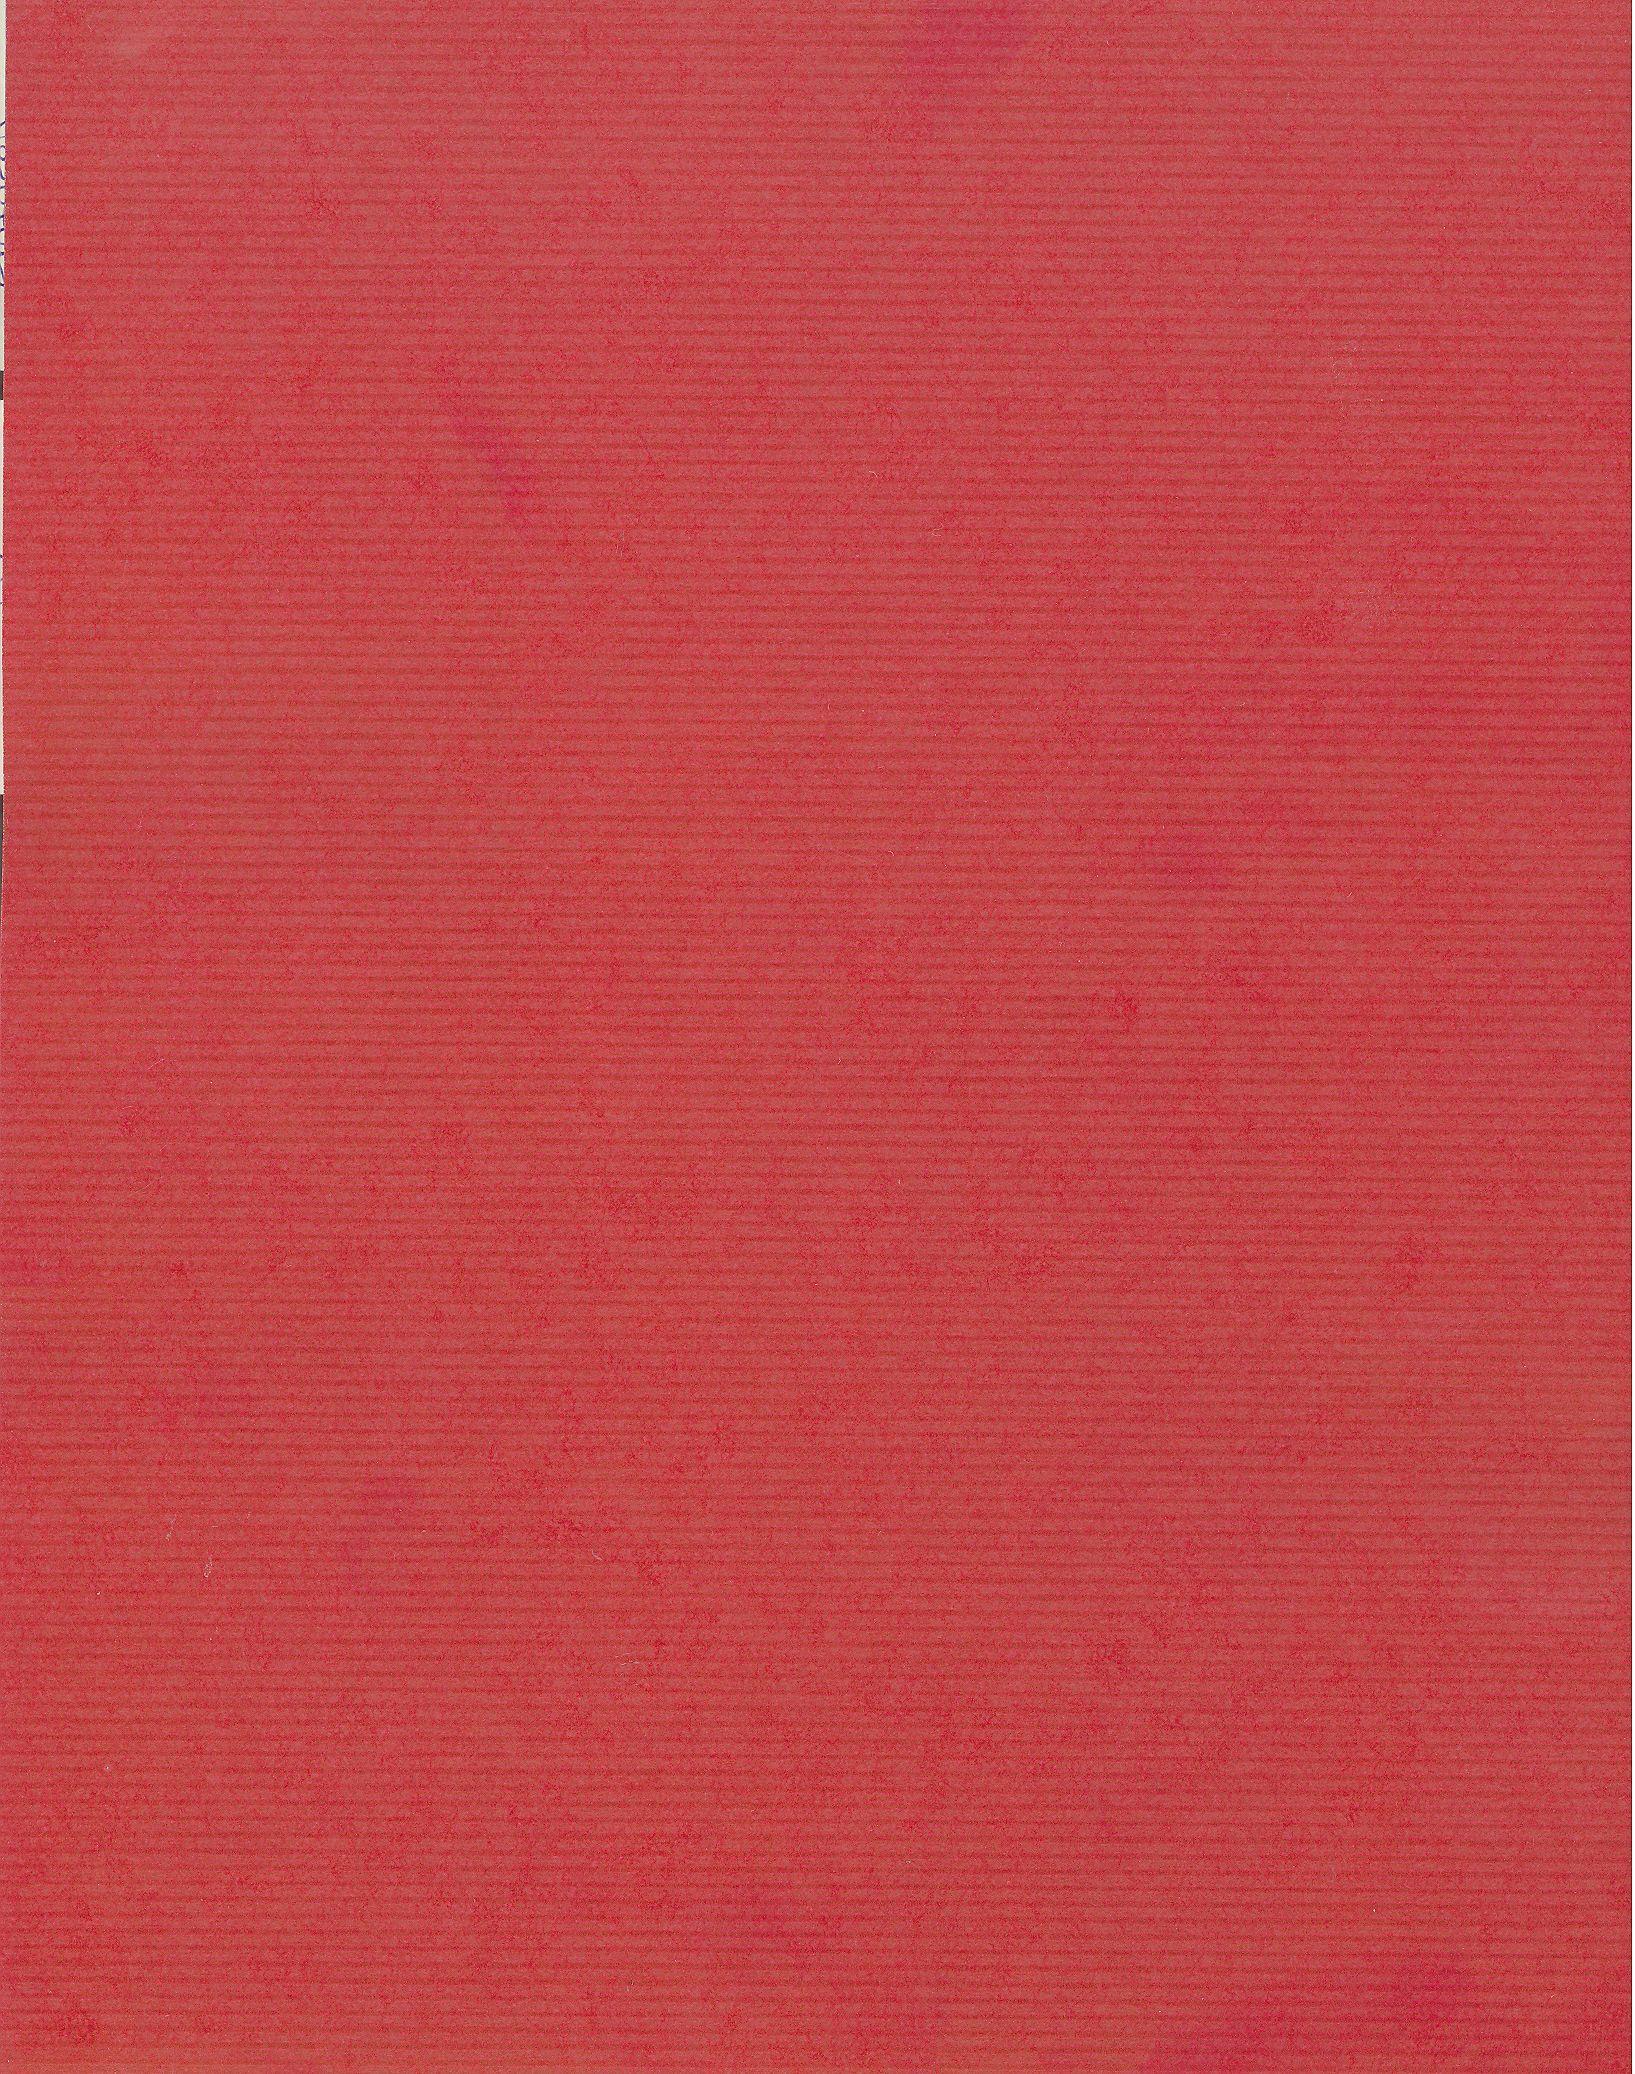 Secare Uni Duplo Rot/Gold 920112 250m/30cm